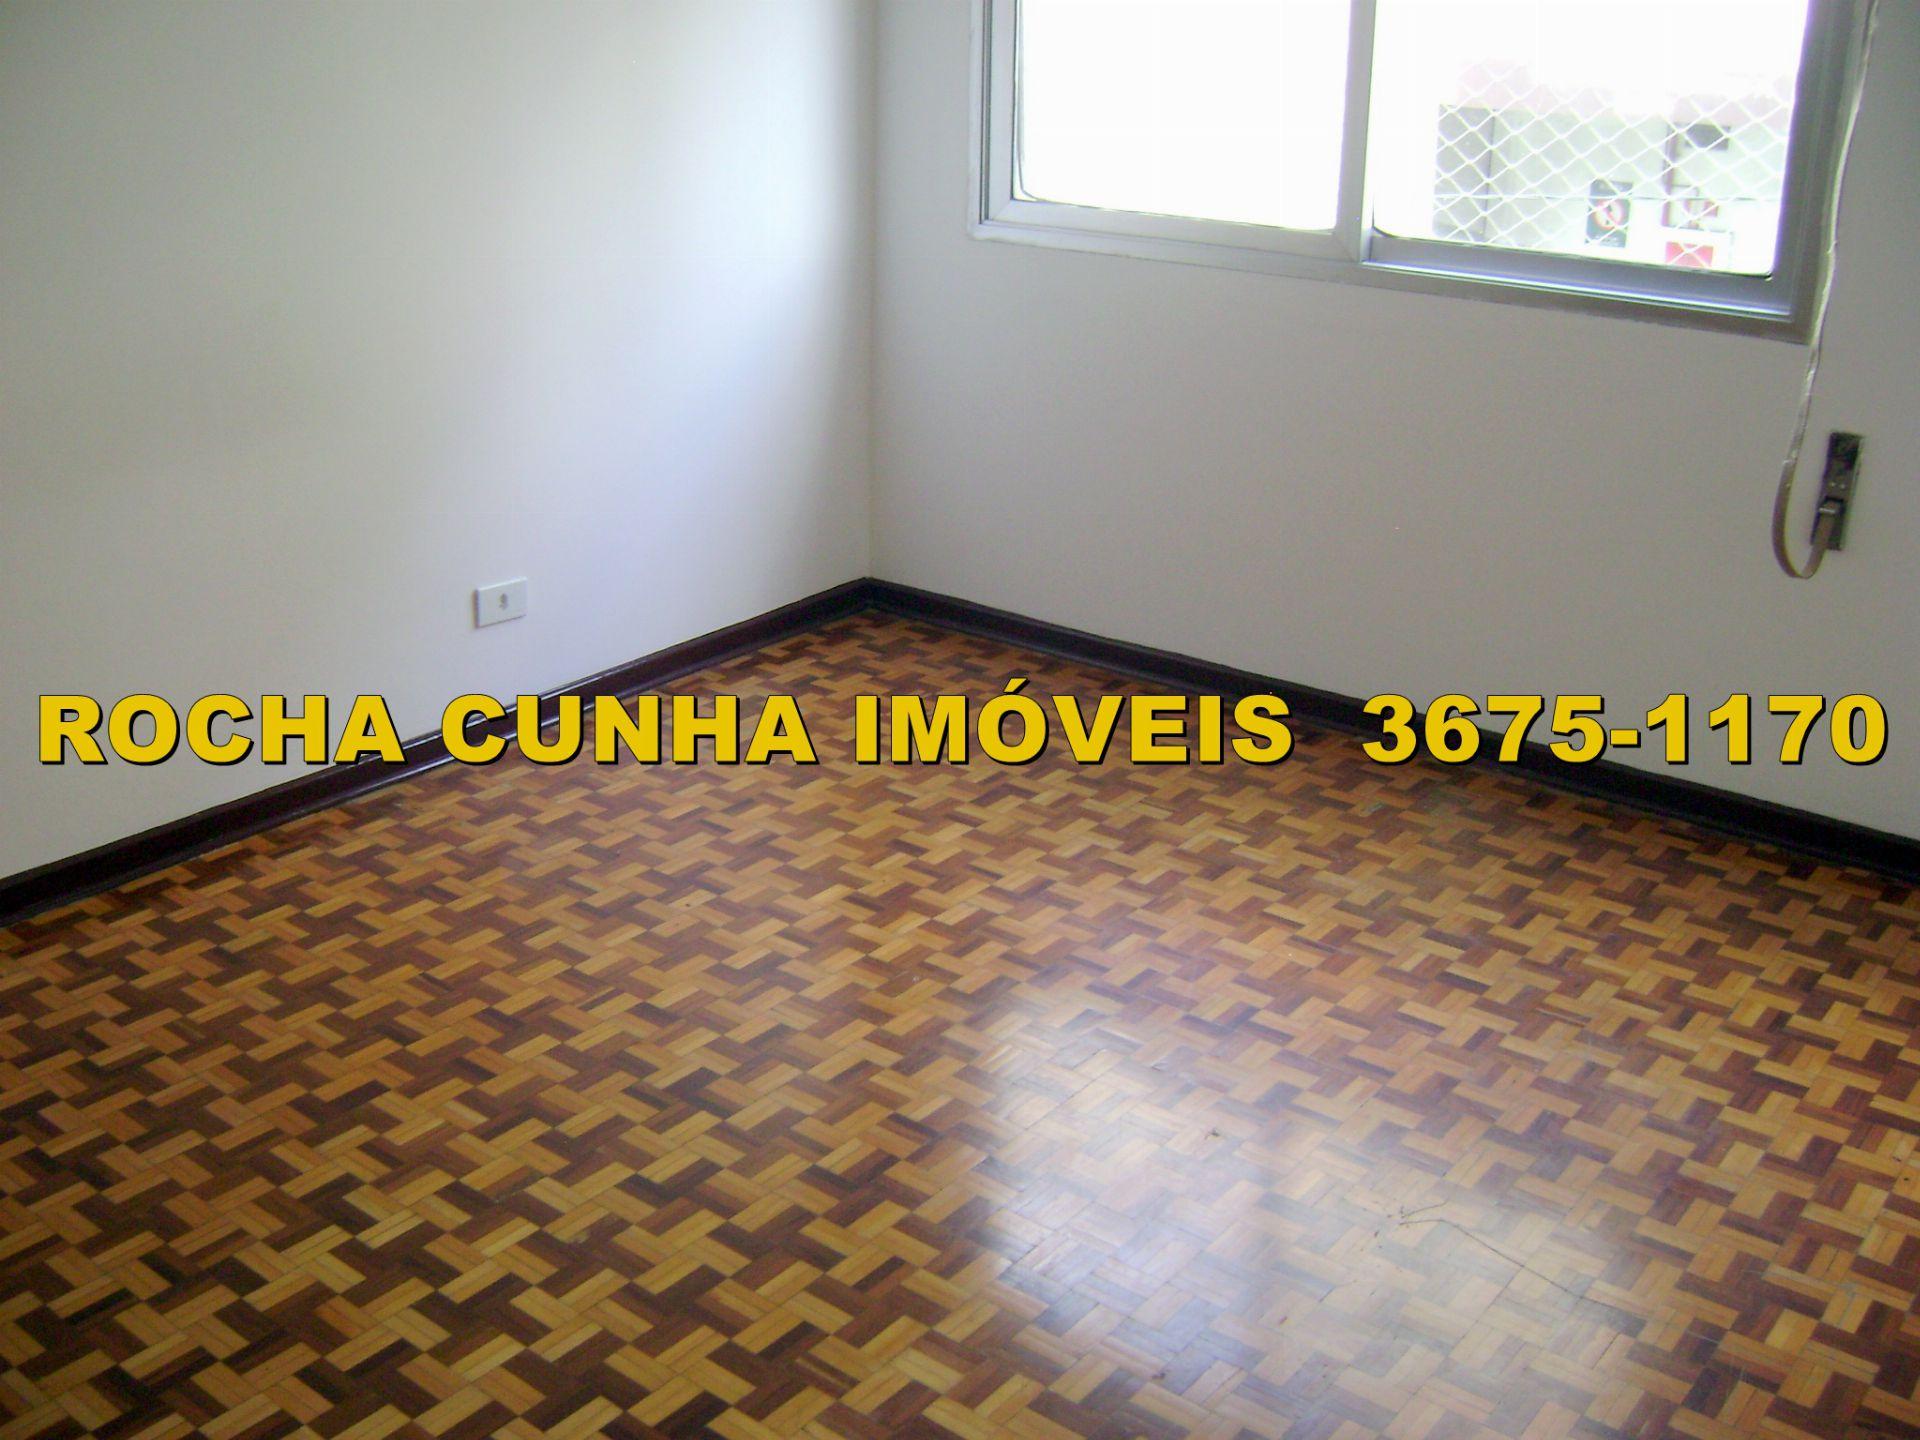 Apartamento Água Branca, São Paulo, SP À Venda, 3 Quartos, 108m² - VENDA0226 - 36